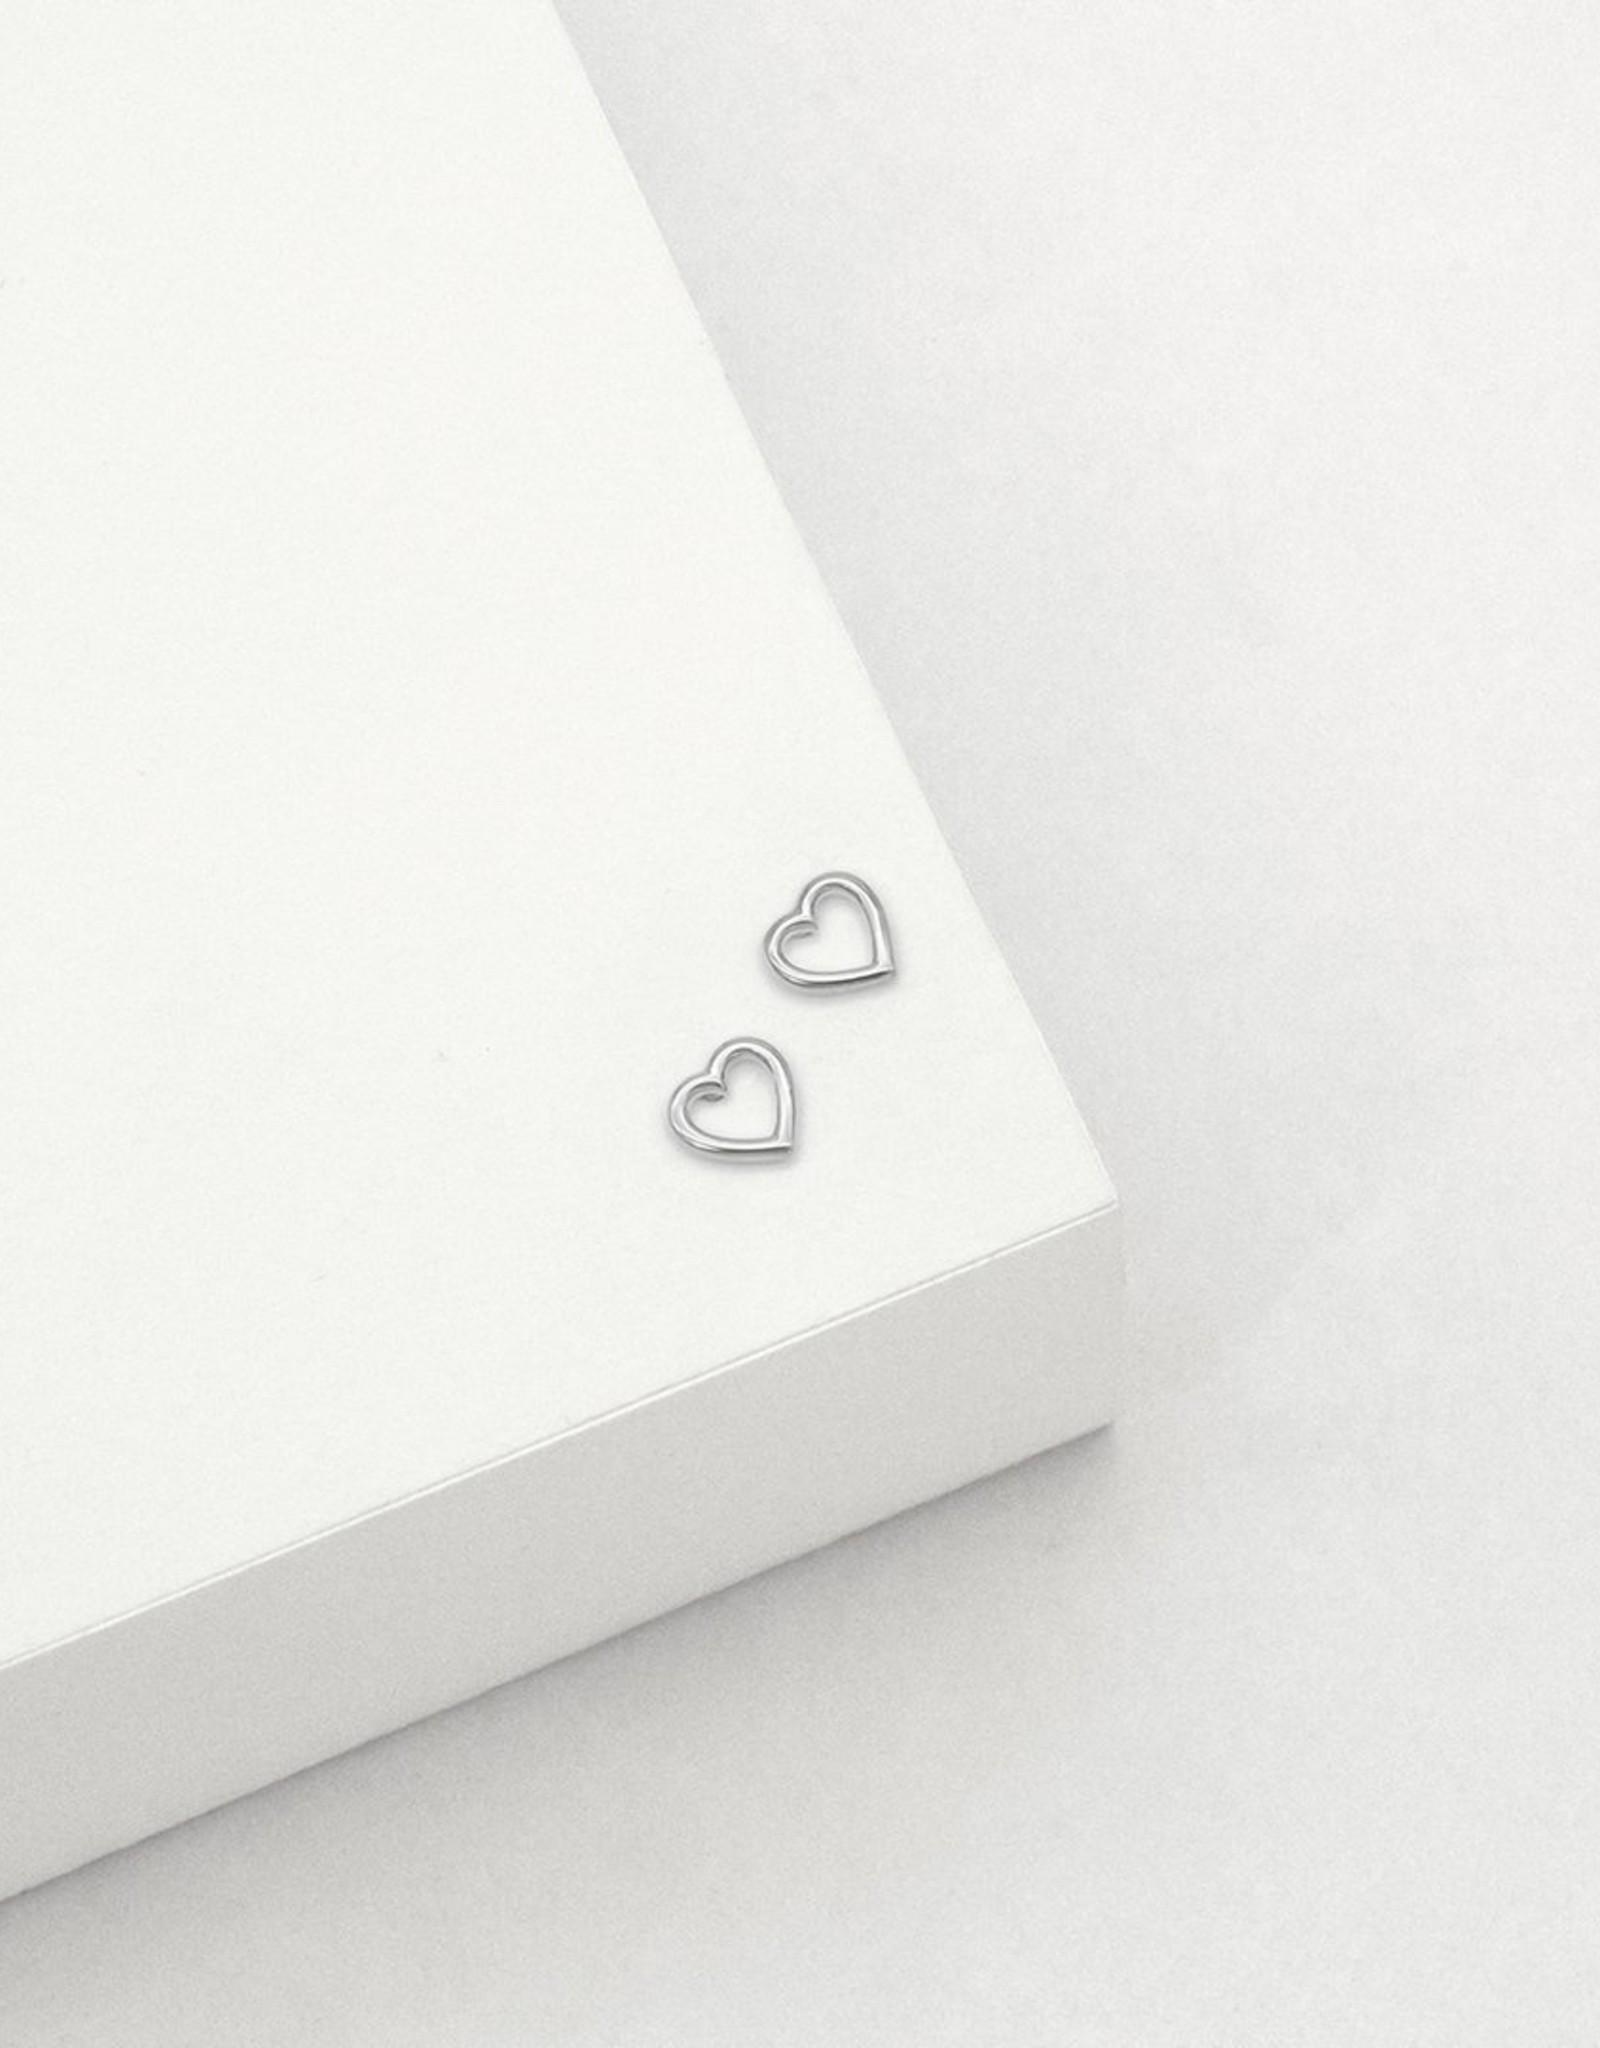 Open Heart Stud Earrings - Sterling Silver